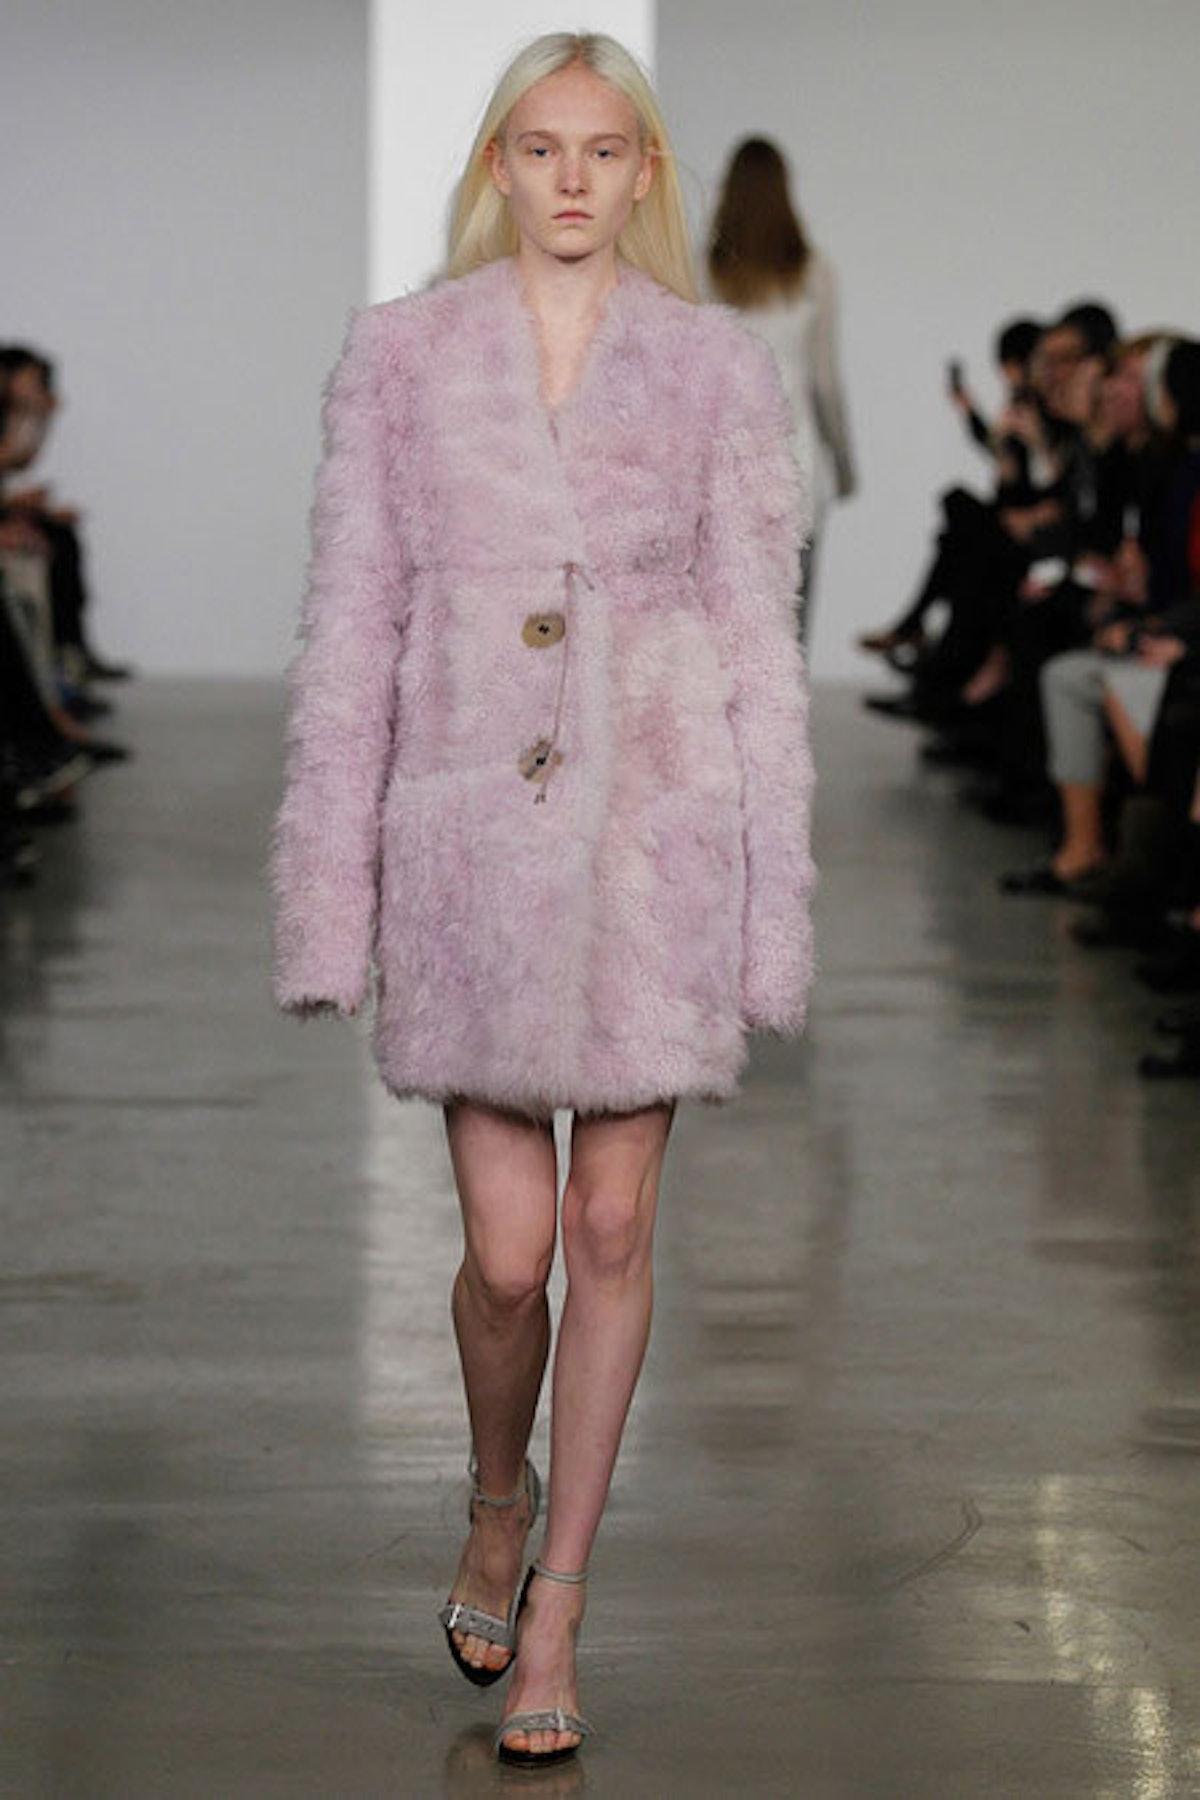 __[Calvin Klein](http://www.wmagazine.com/mood-board/filter?q=^Designer|Calvin%20Klein|):__ A pastel...